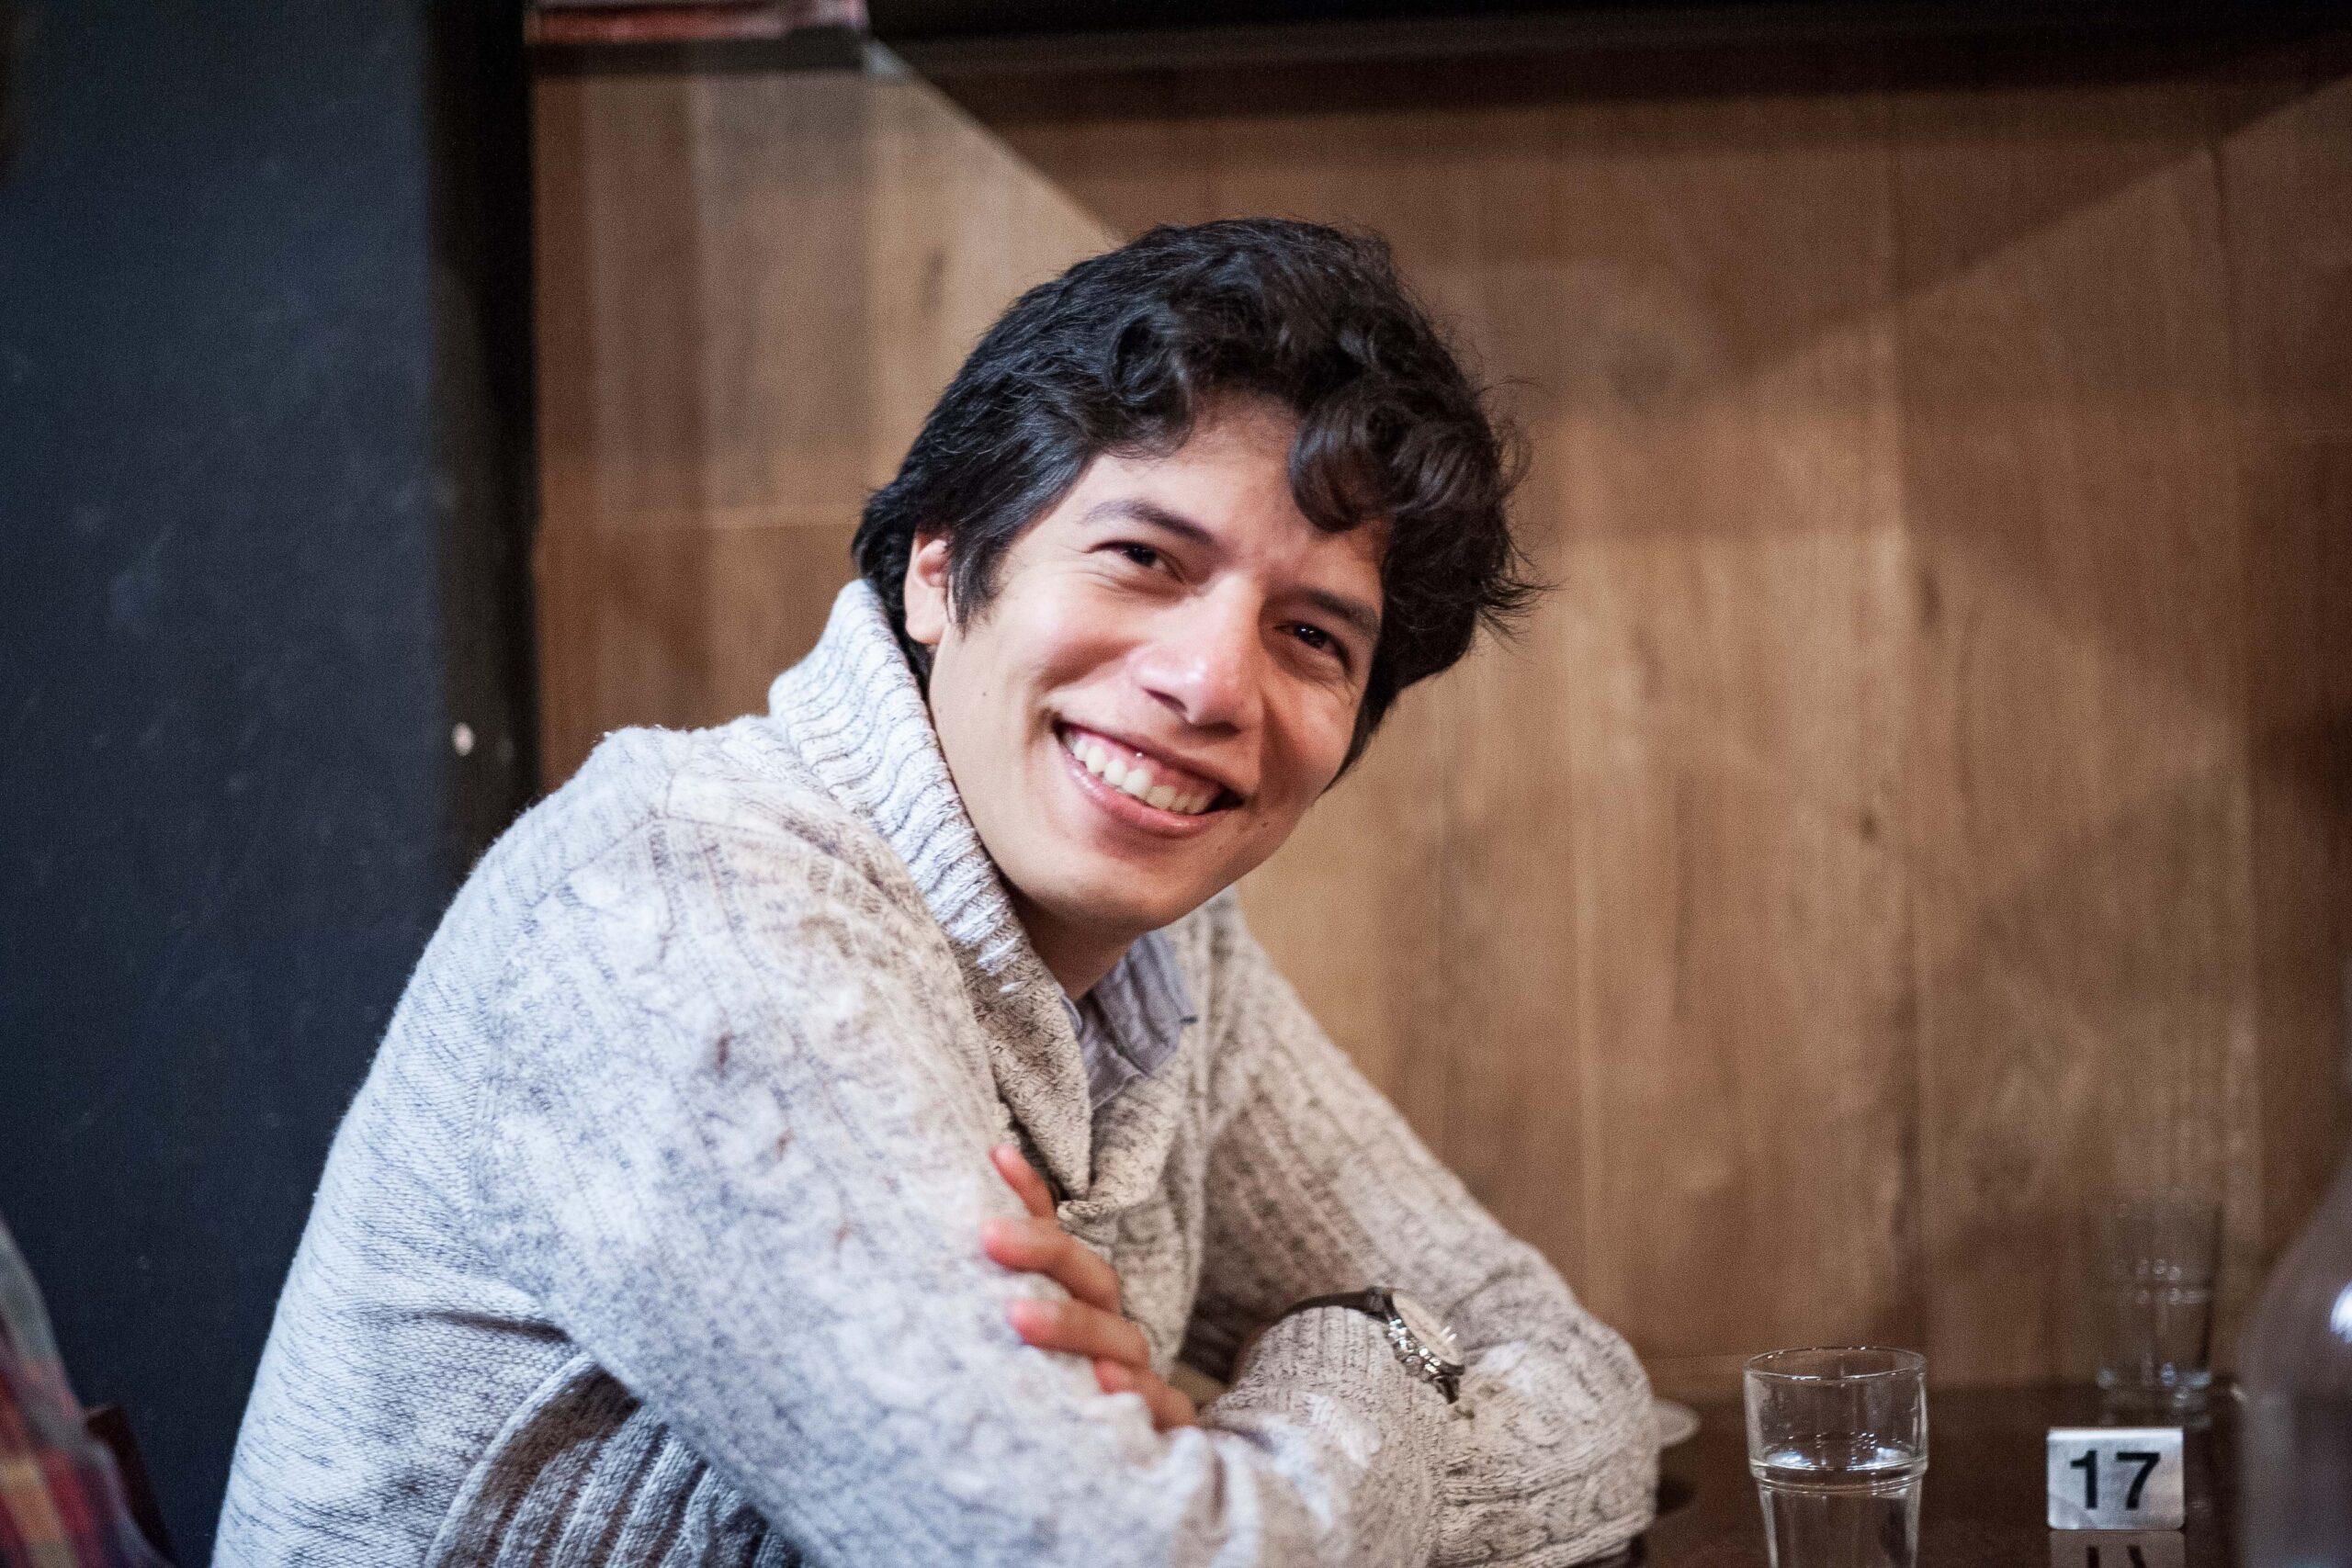 Roberto Cier